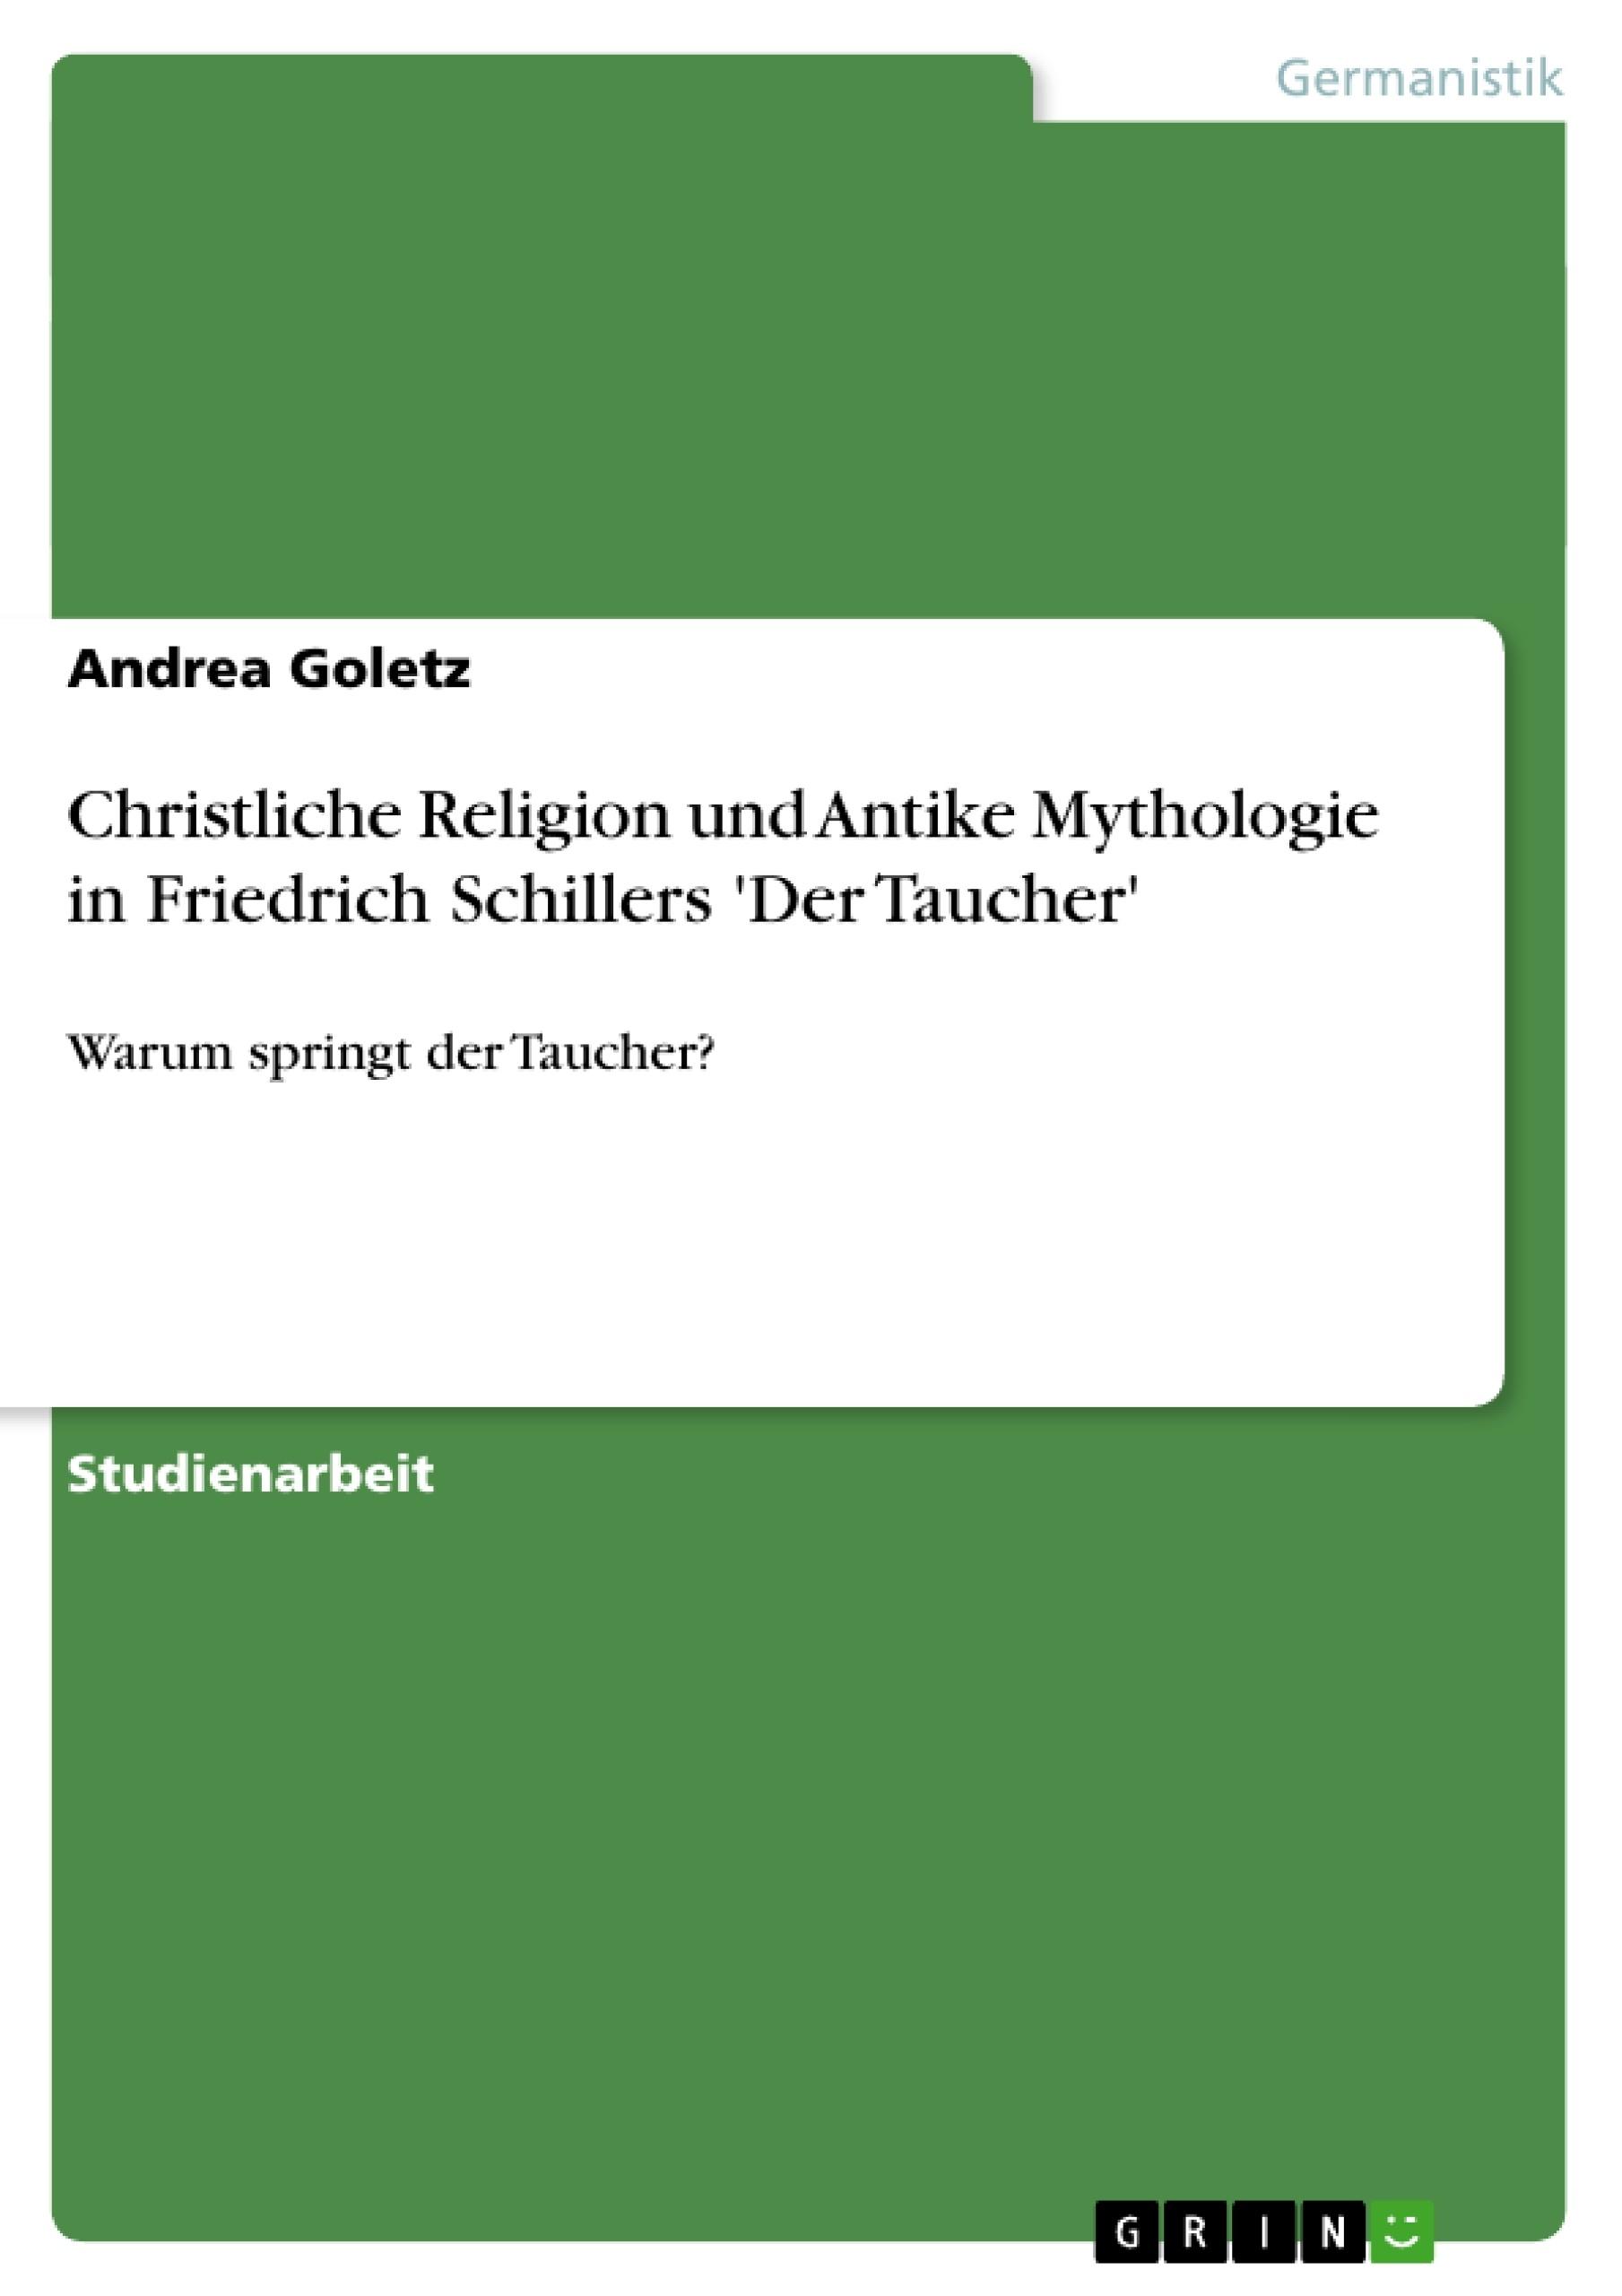 Titel: Christliche Religion und Antike Mythologie in Friedrich Schillers 'Der Taucher'